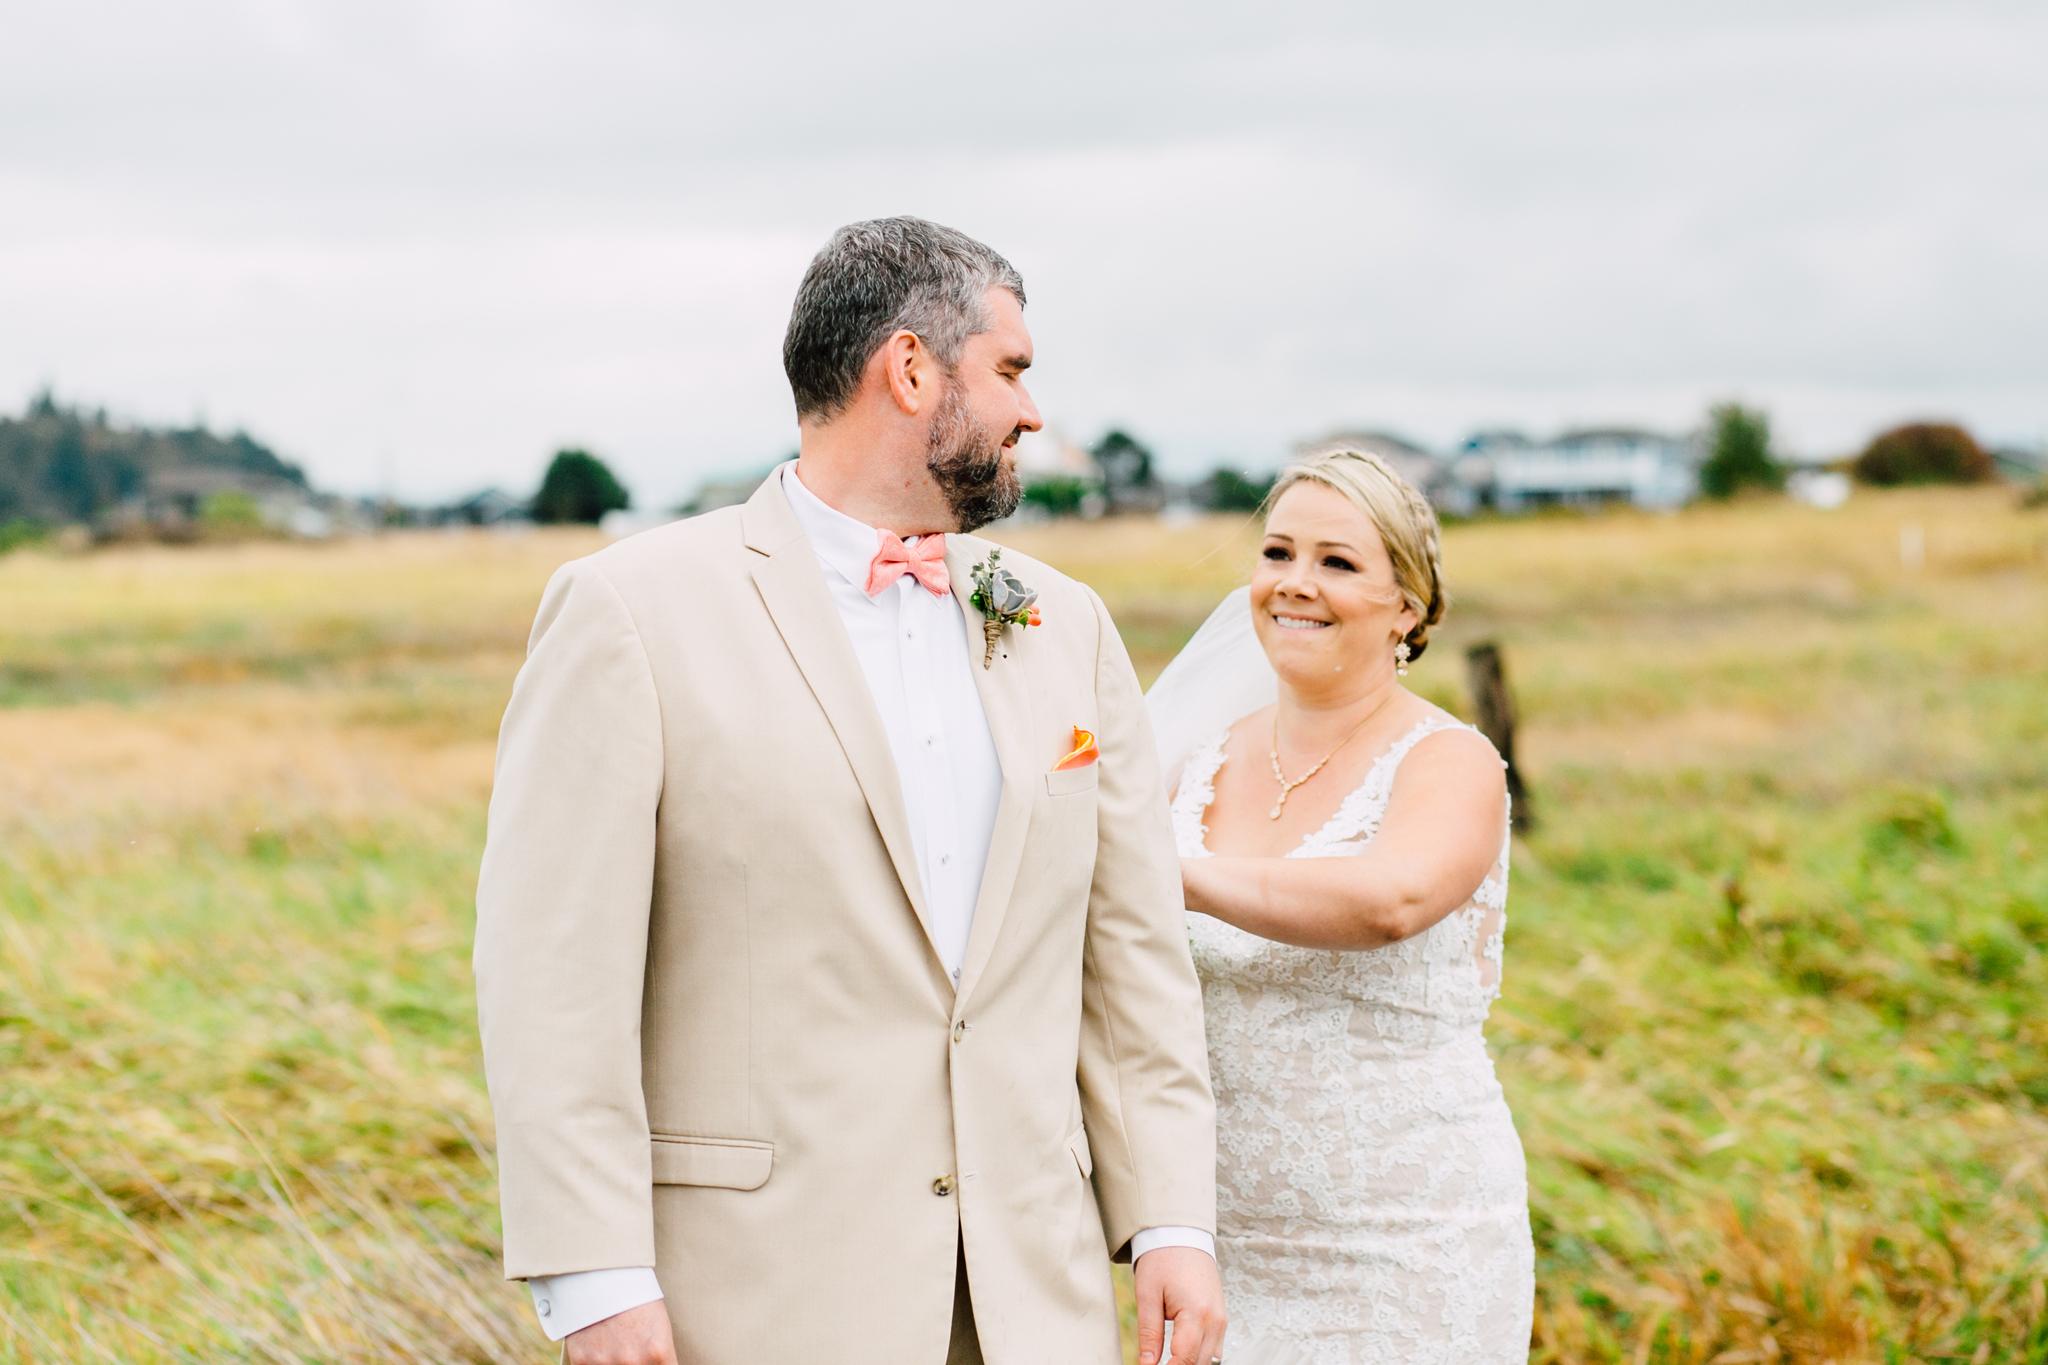 009-bellingham-wedding-photographer-beach-katheryn-moran-elisa-phillip.jpg